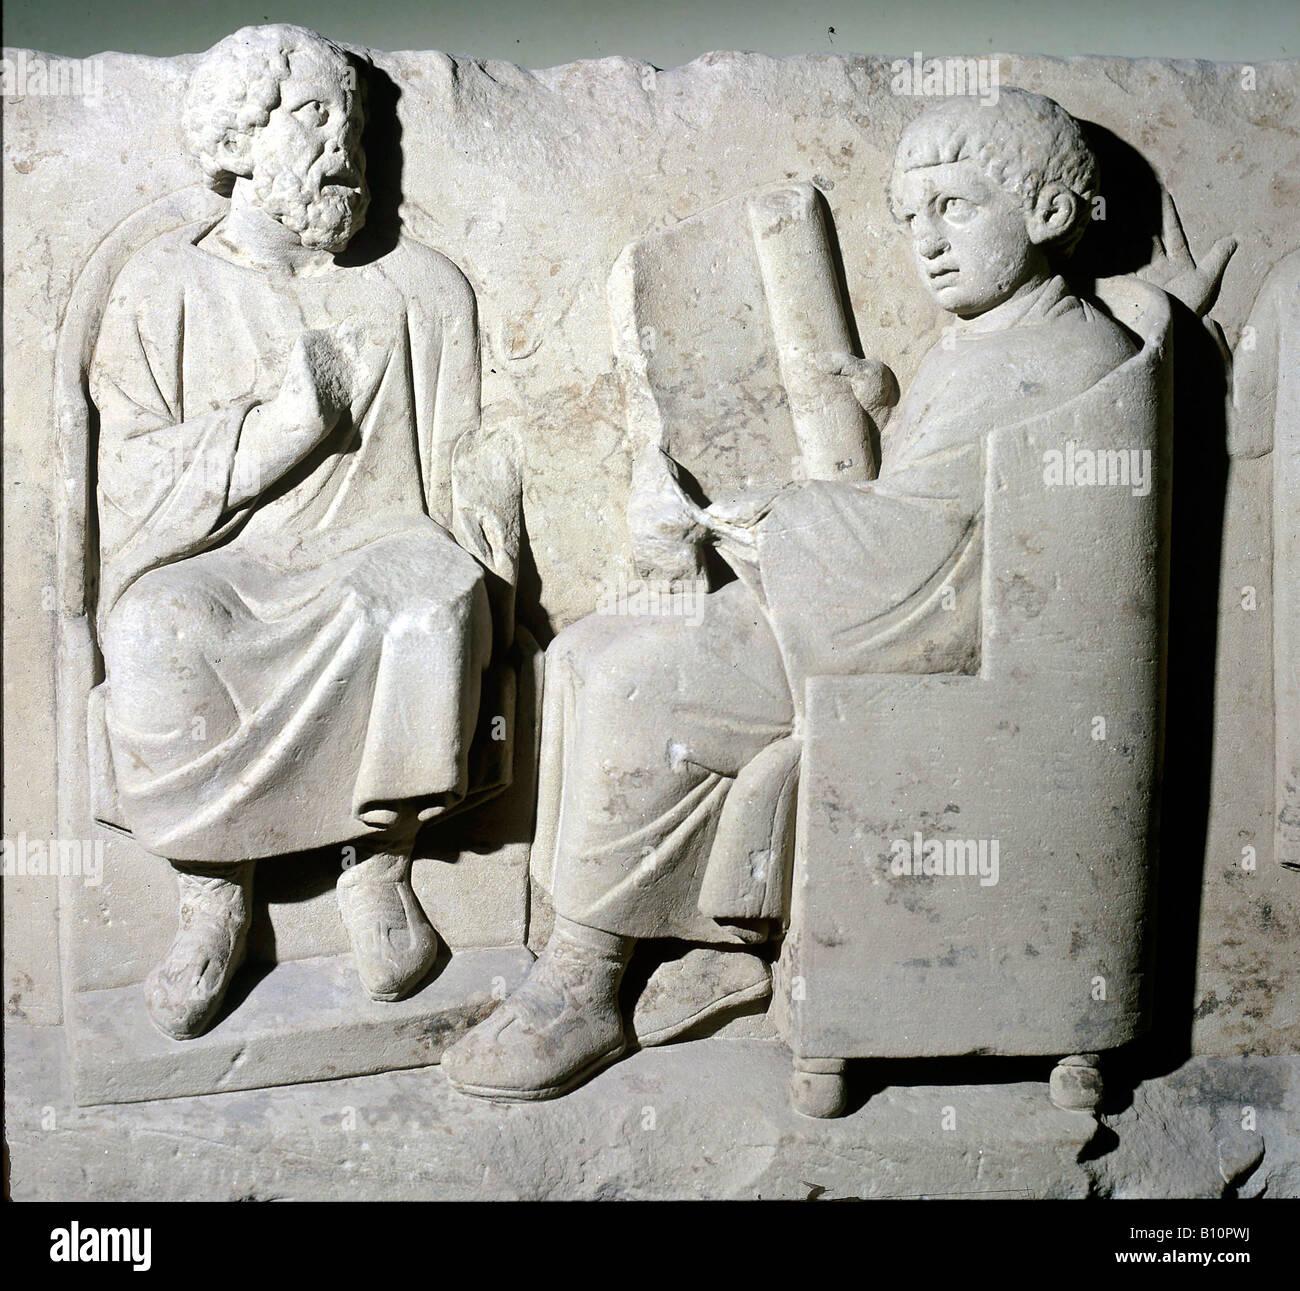 Rilievo romano insegnante con pupilla Romano periodo tedesco Germania Copyright collezione AAA Immagini Stock